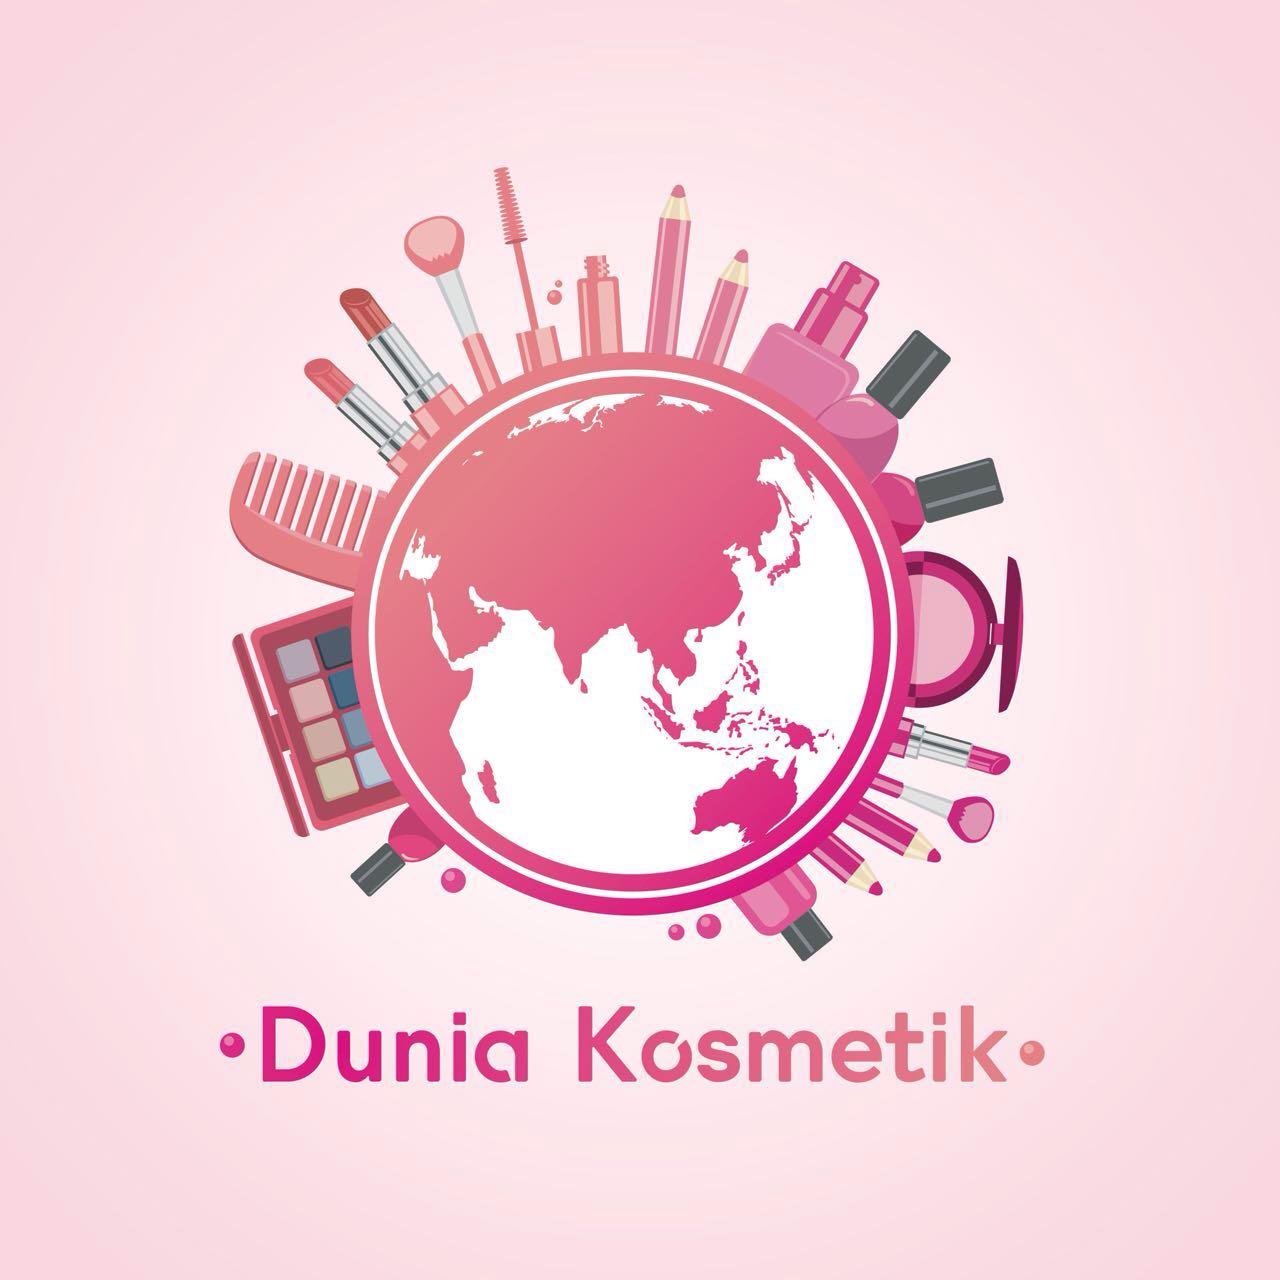 DUNIA KOSMETIK